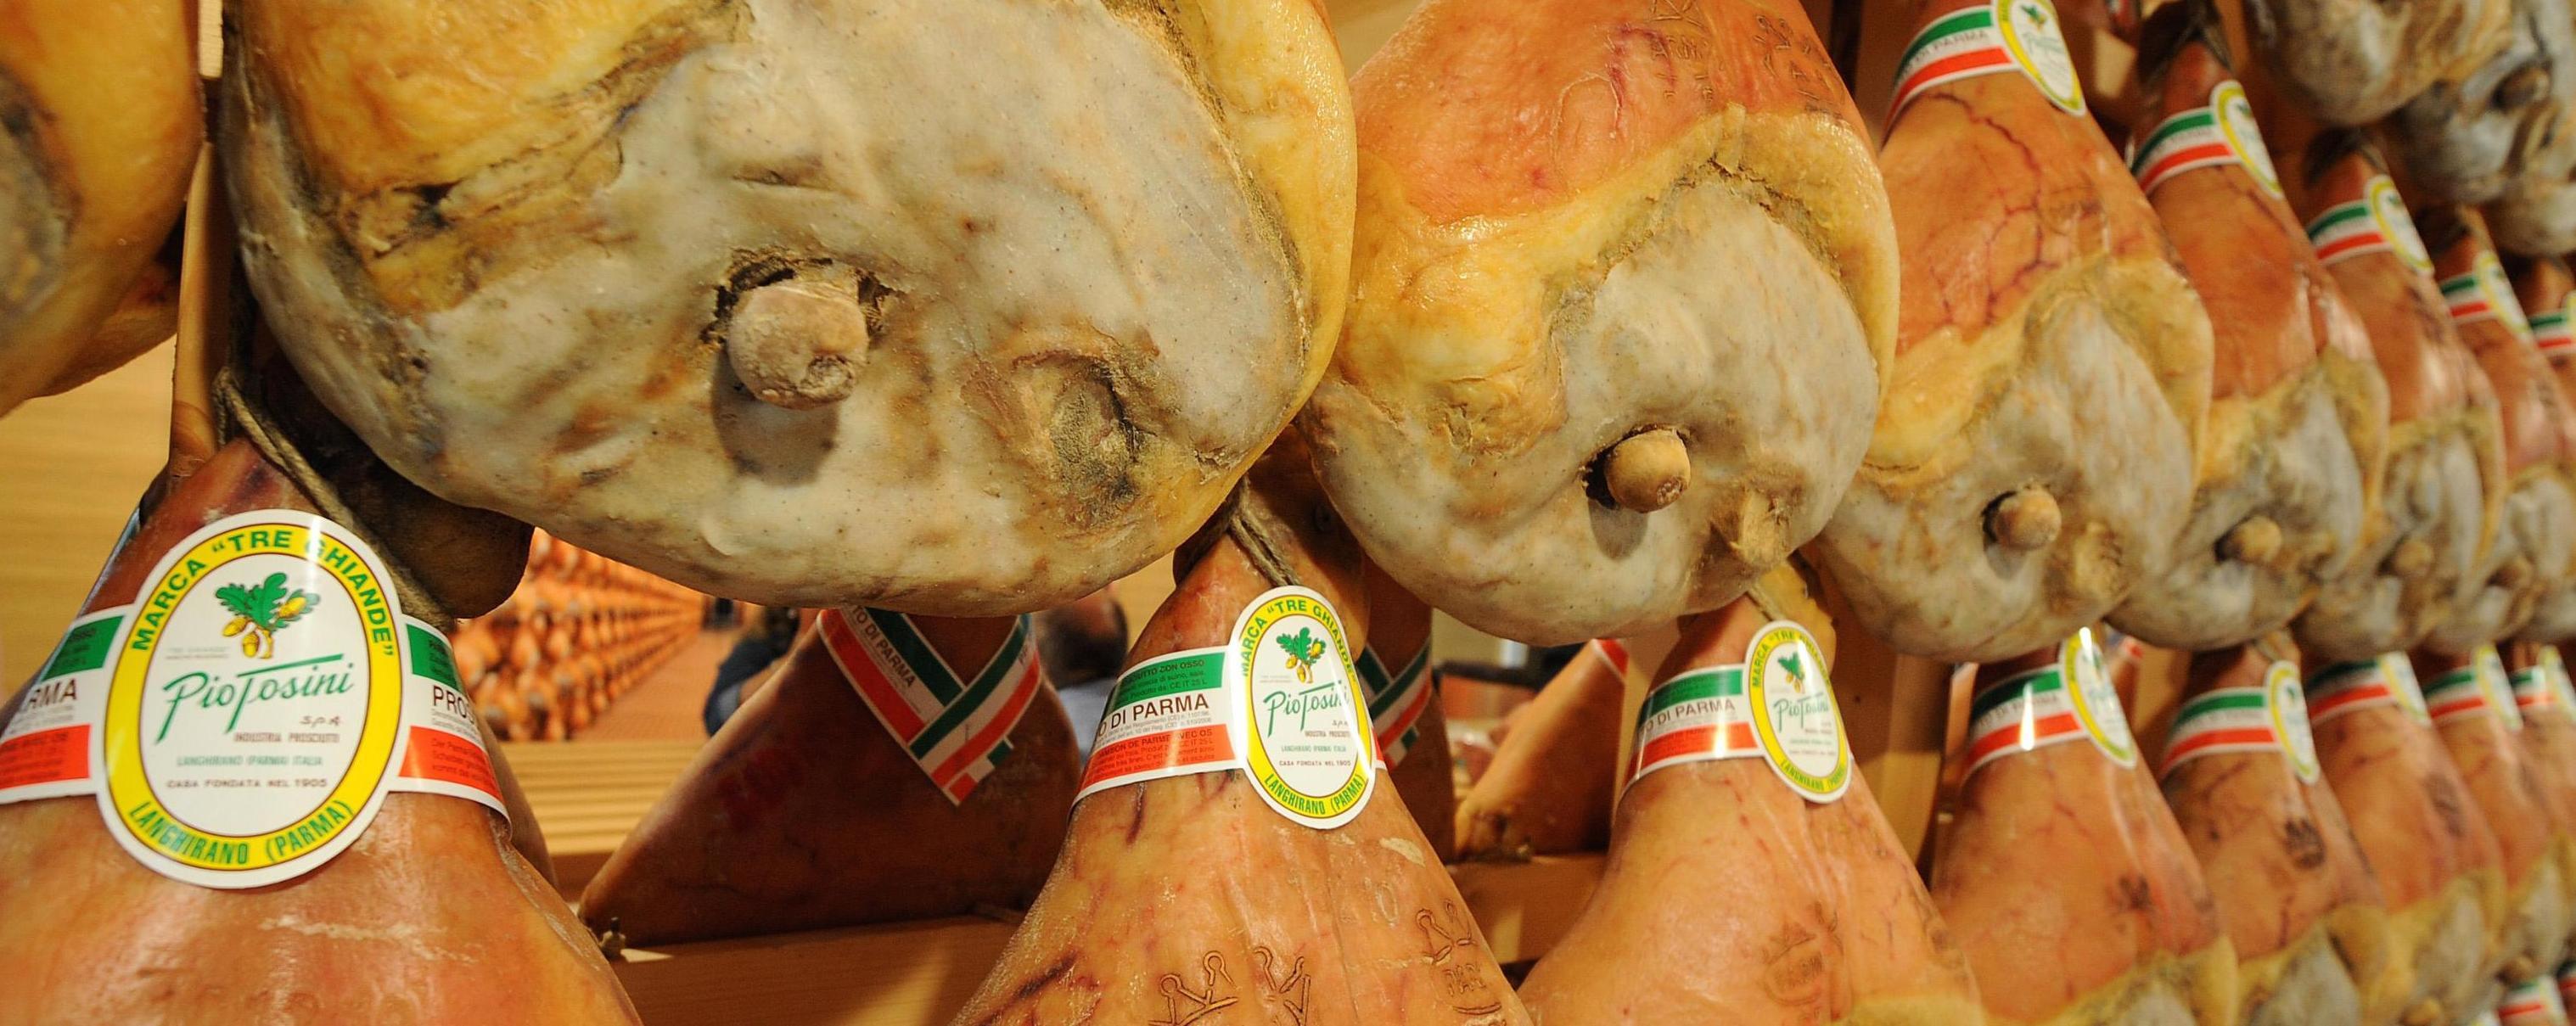 Parma candidata a città della gastronomia